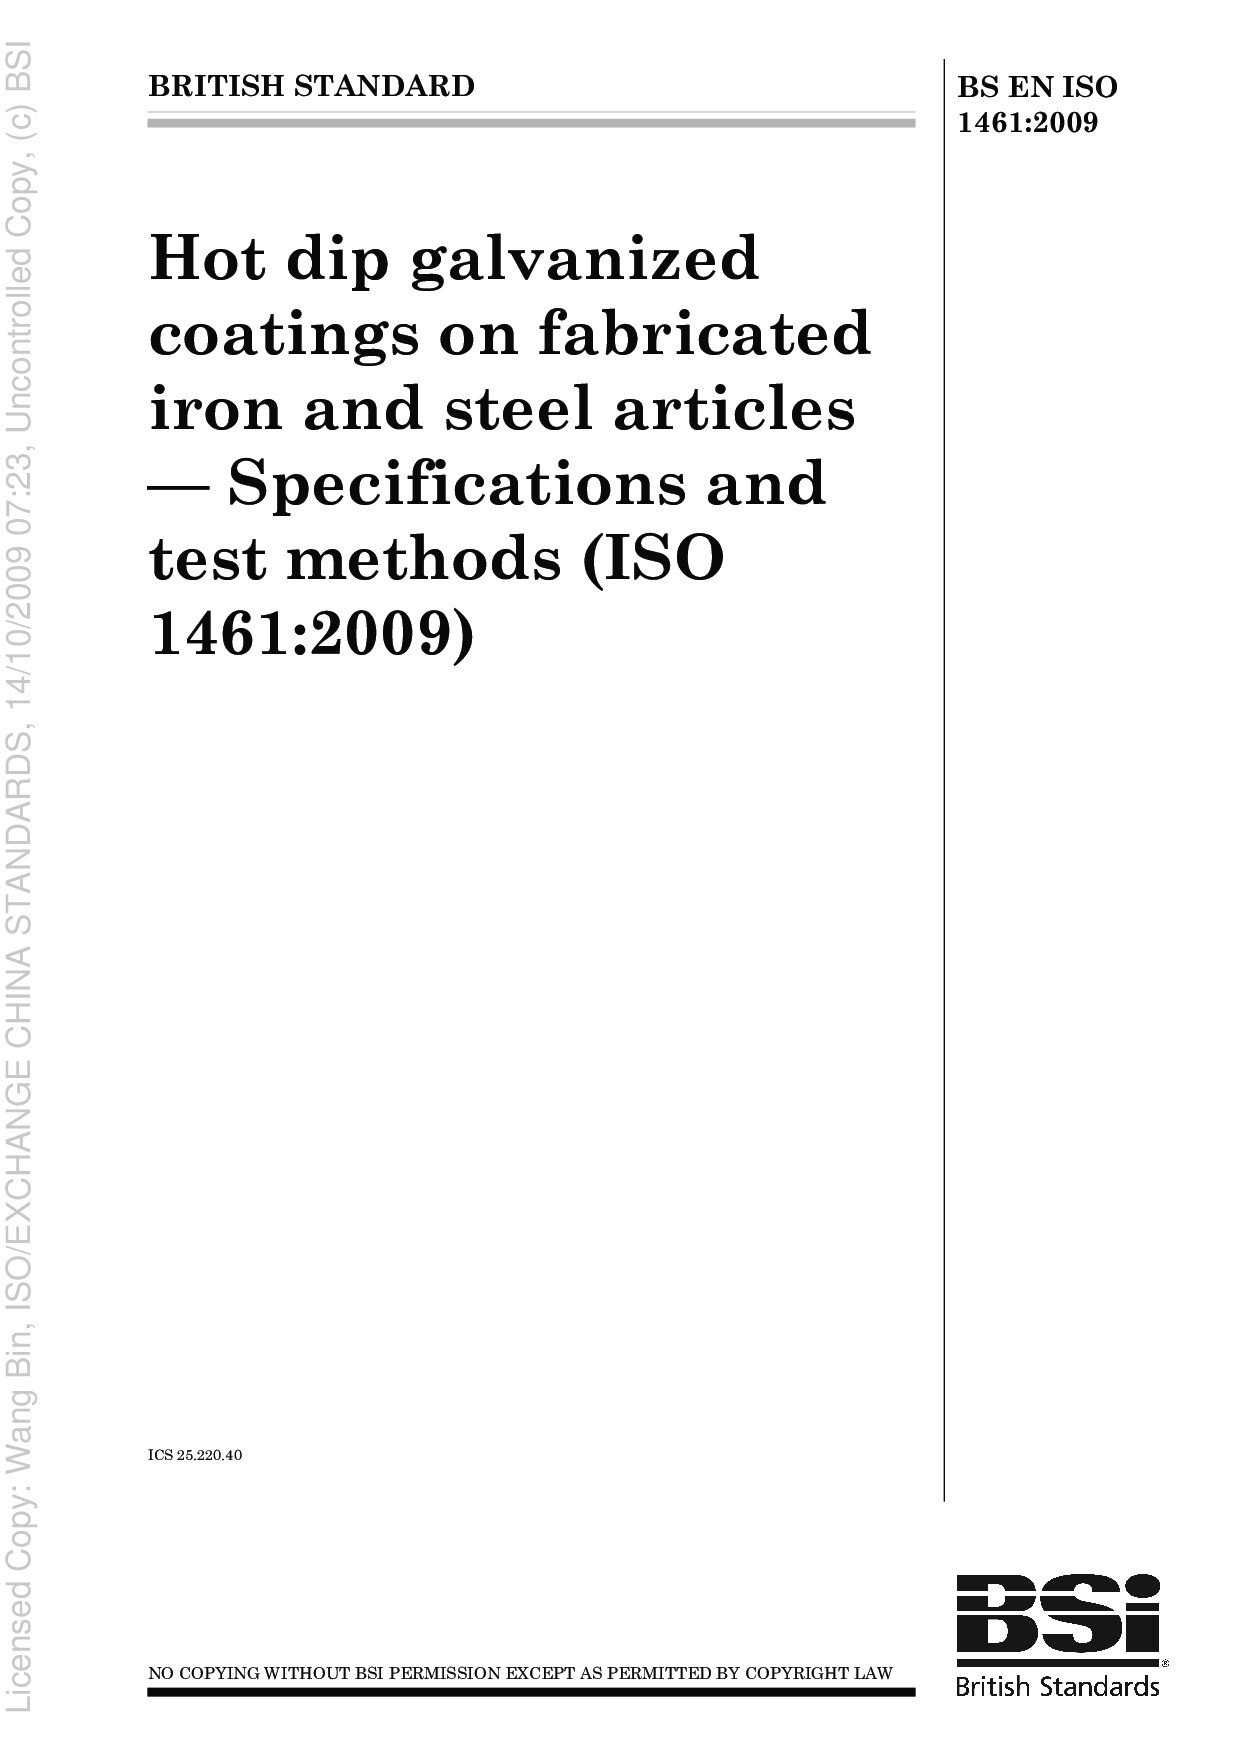 BS EN ISO 1461-2009 加工钢铁制品的热镀电镀层 试验方法和规范(ISO 1461